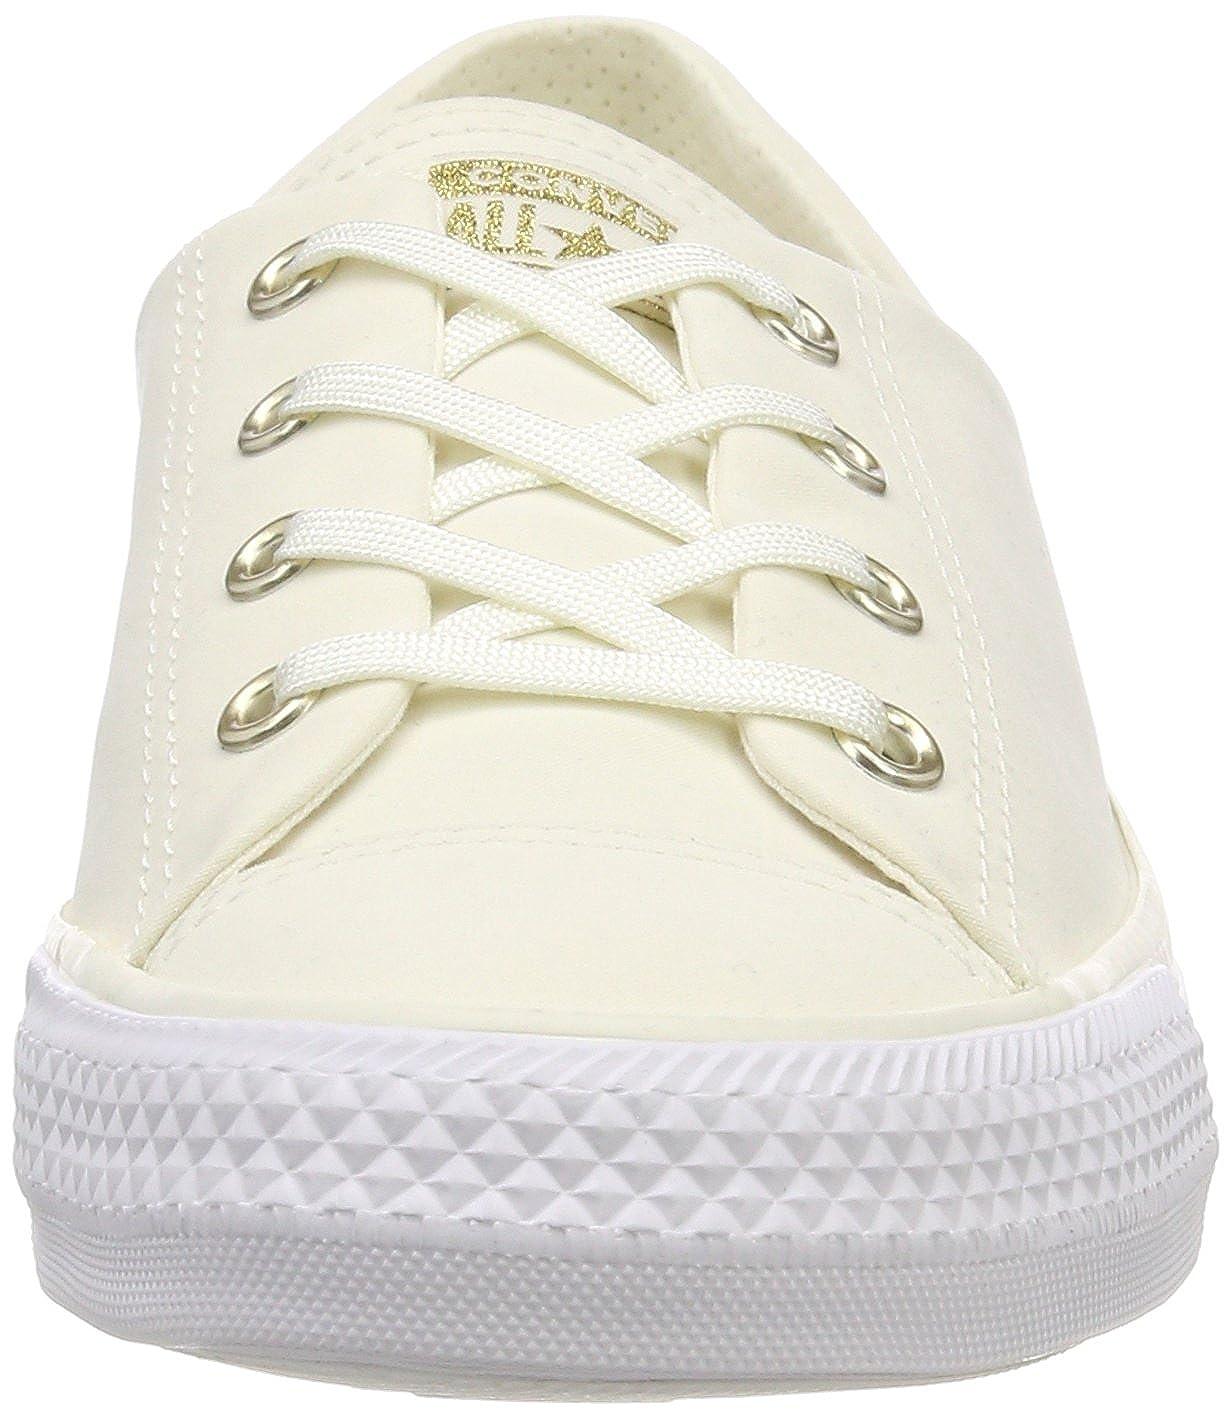 Converse Damen CTAS Beige Coral Ox Egret/Weiß Slip On Sneaker, Beige CTAS (Egret/Egret/Weiß 281) bdbf0b